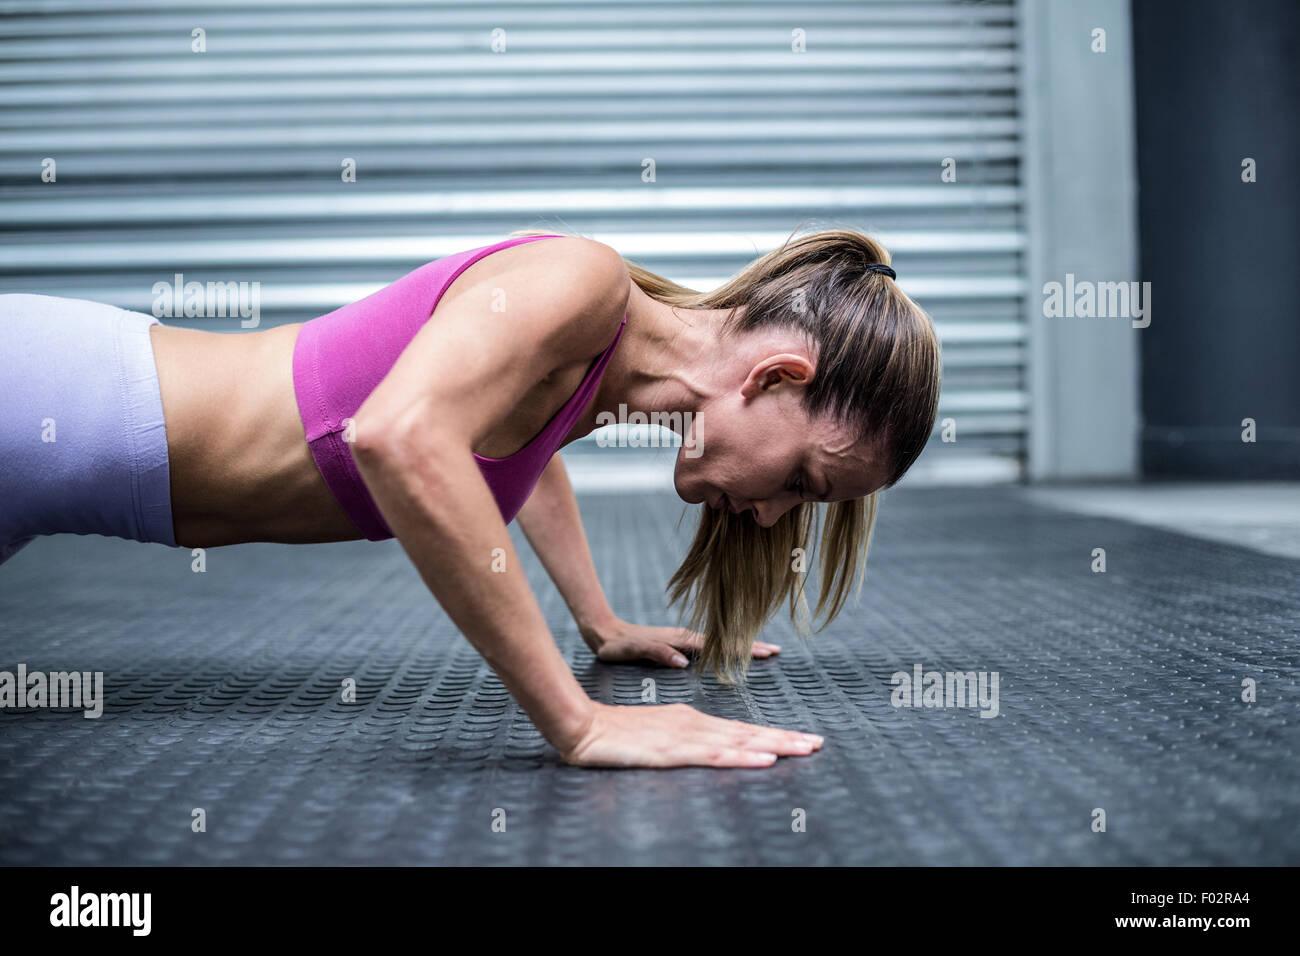 Mujer haciendo flexiones musculares Imagen De Stock